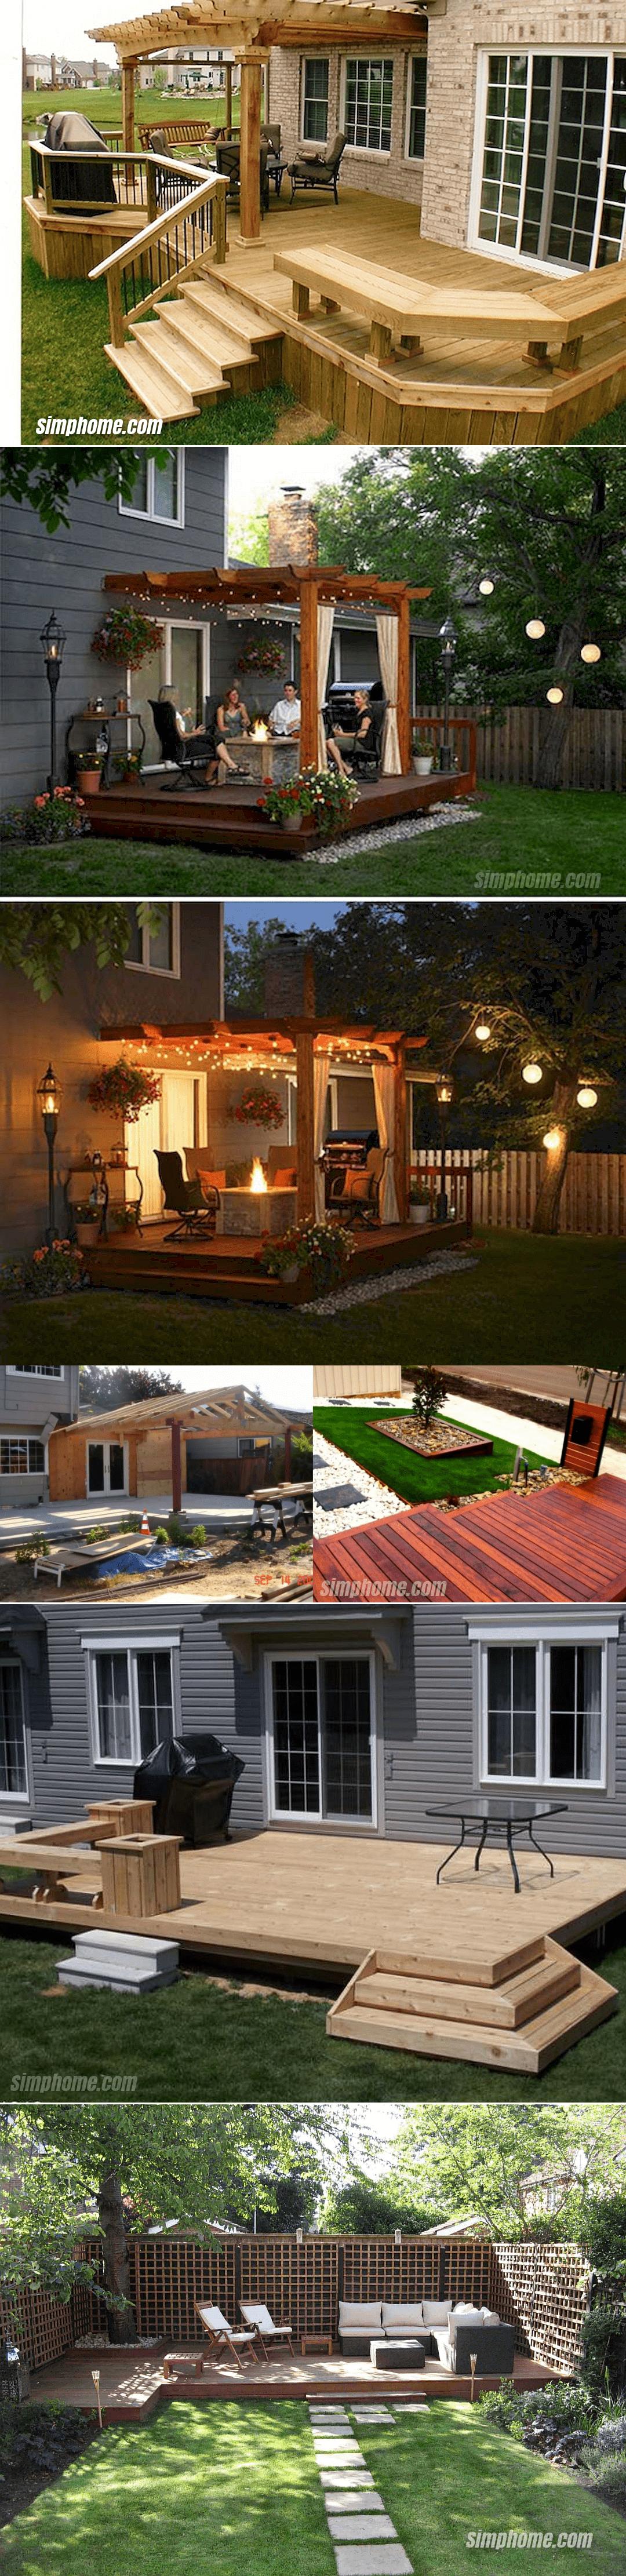 11.SIMPHOME.COM 10 Ways how to improve backyard deck ideas